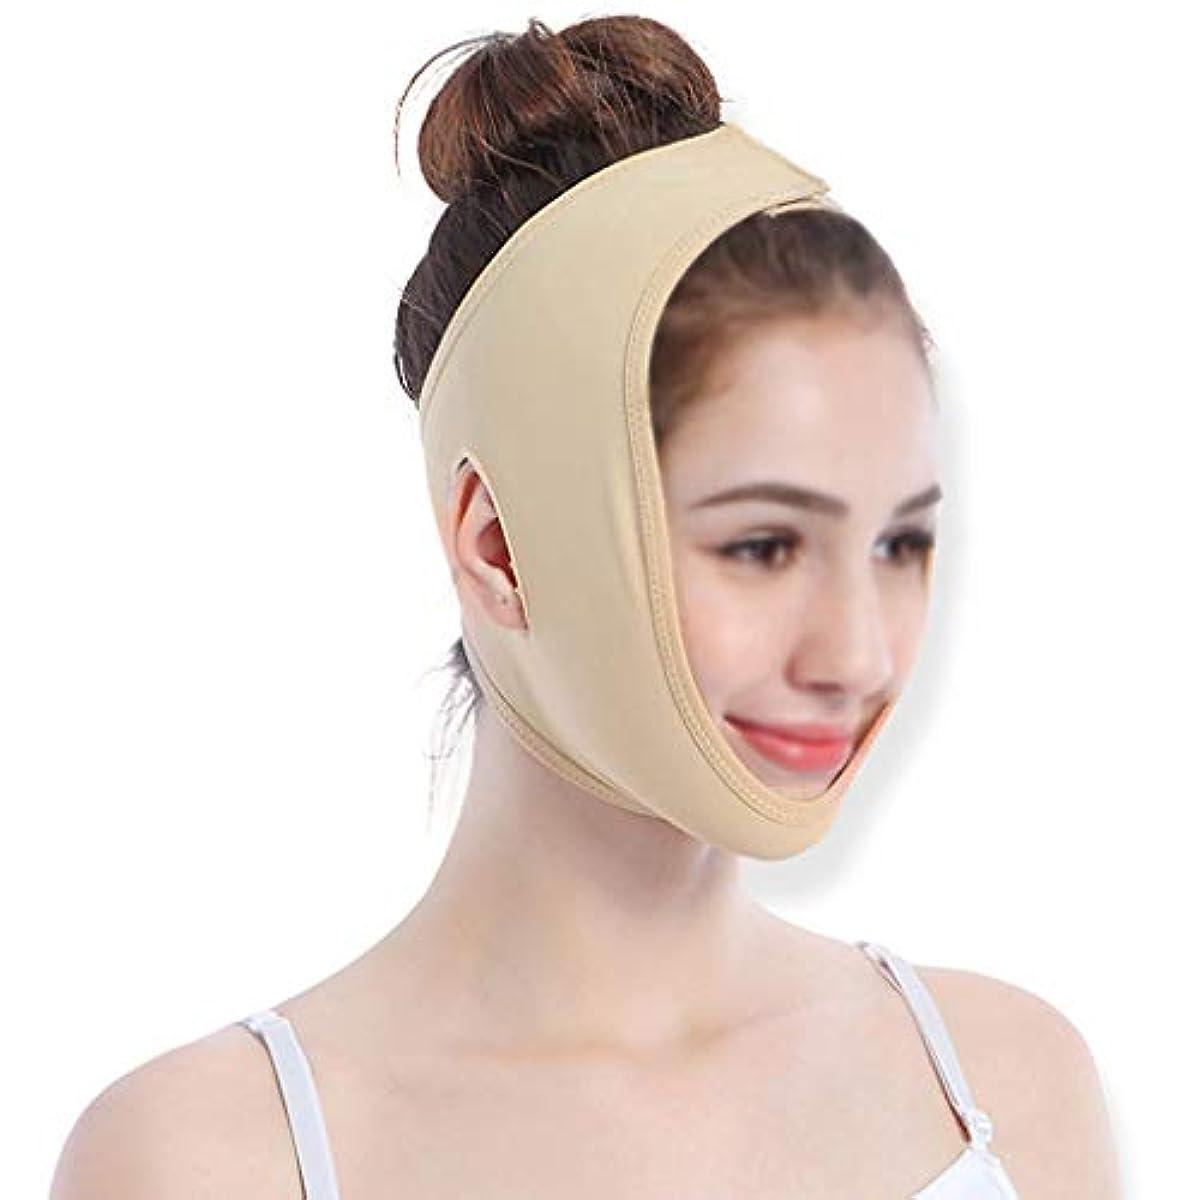 推進、動かすマガジンポンドGLJJQMY スリムな包帯V顔の顔のアーティファクトは、女性と女性のための繊細な顔のしわ防止フェイシャルツールを向上させます 顔用整形マスク (Size : M)